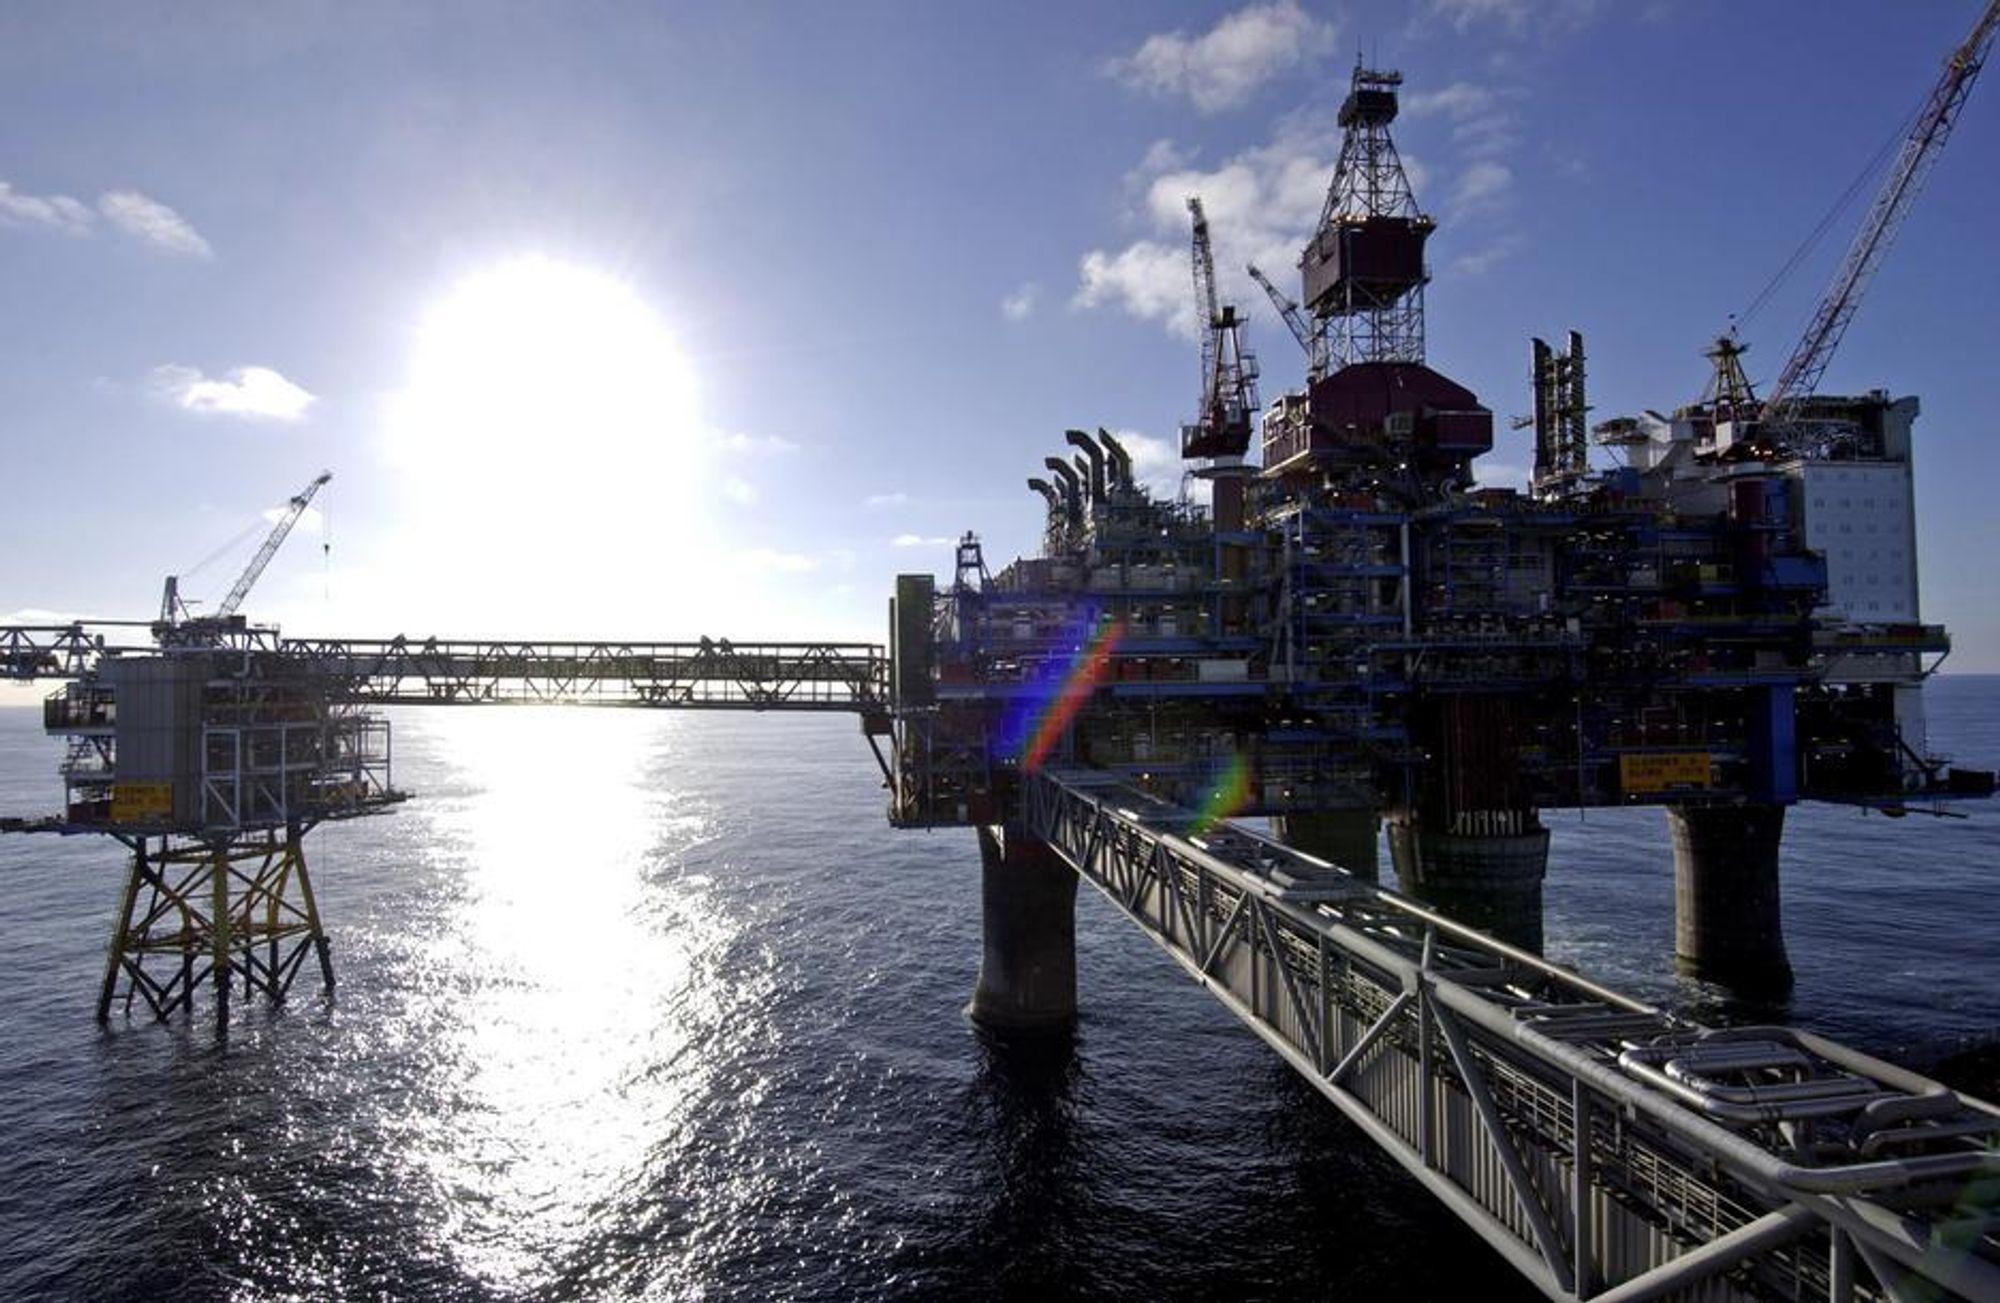 Sikkerhet, særlig med tanke på installasjonene i Nordsjøen, skal ha vært årsaken til at Statoil valgte å ta opp samtaler til sentralbordet i en årrekke.